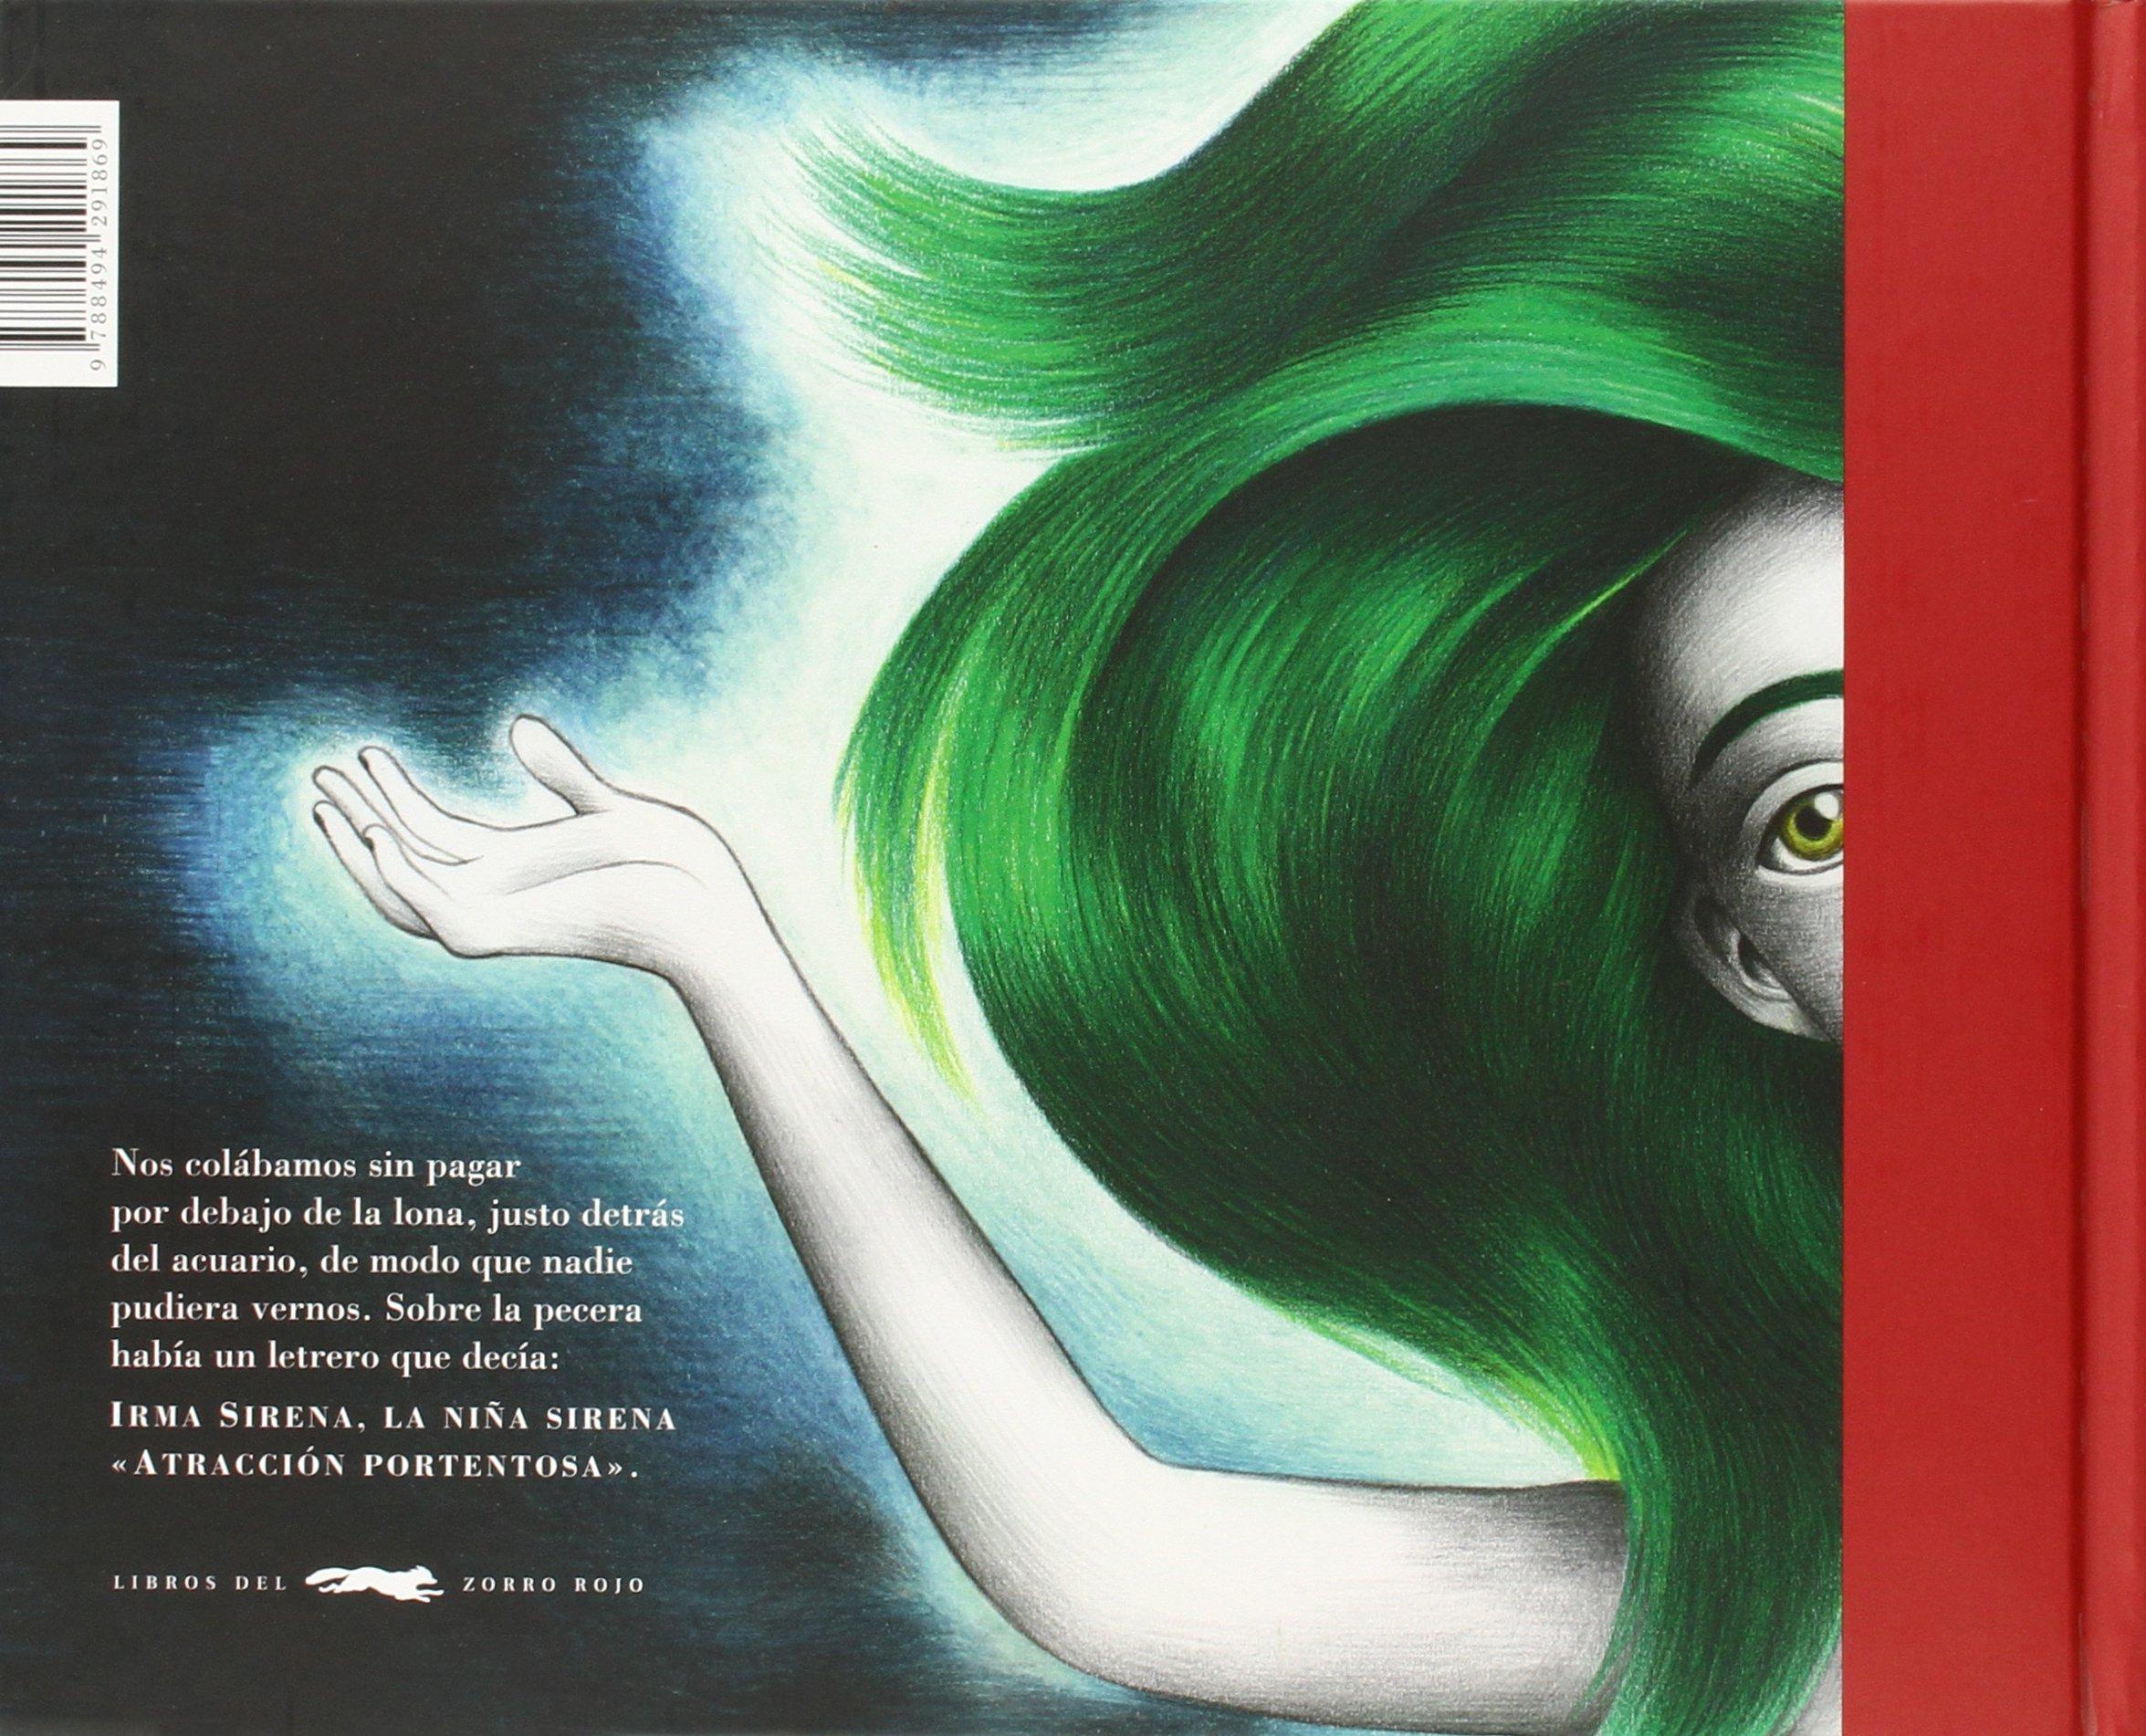 Irma Sirena (Álbumes ilustrados): Amazon.es: Antonio Tabucchi, Gabriella Giandelli, Carlos Gumpert: Libros